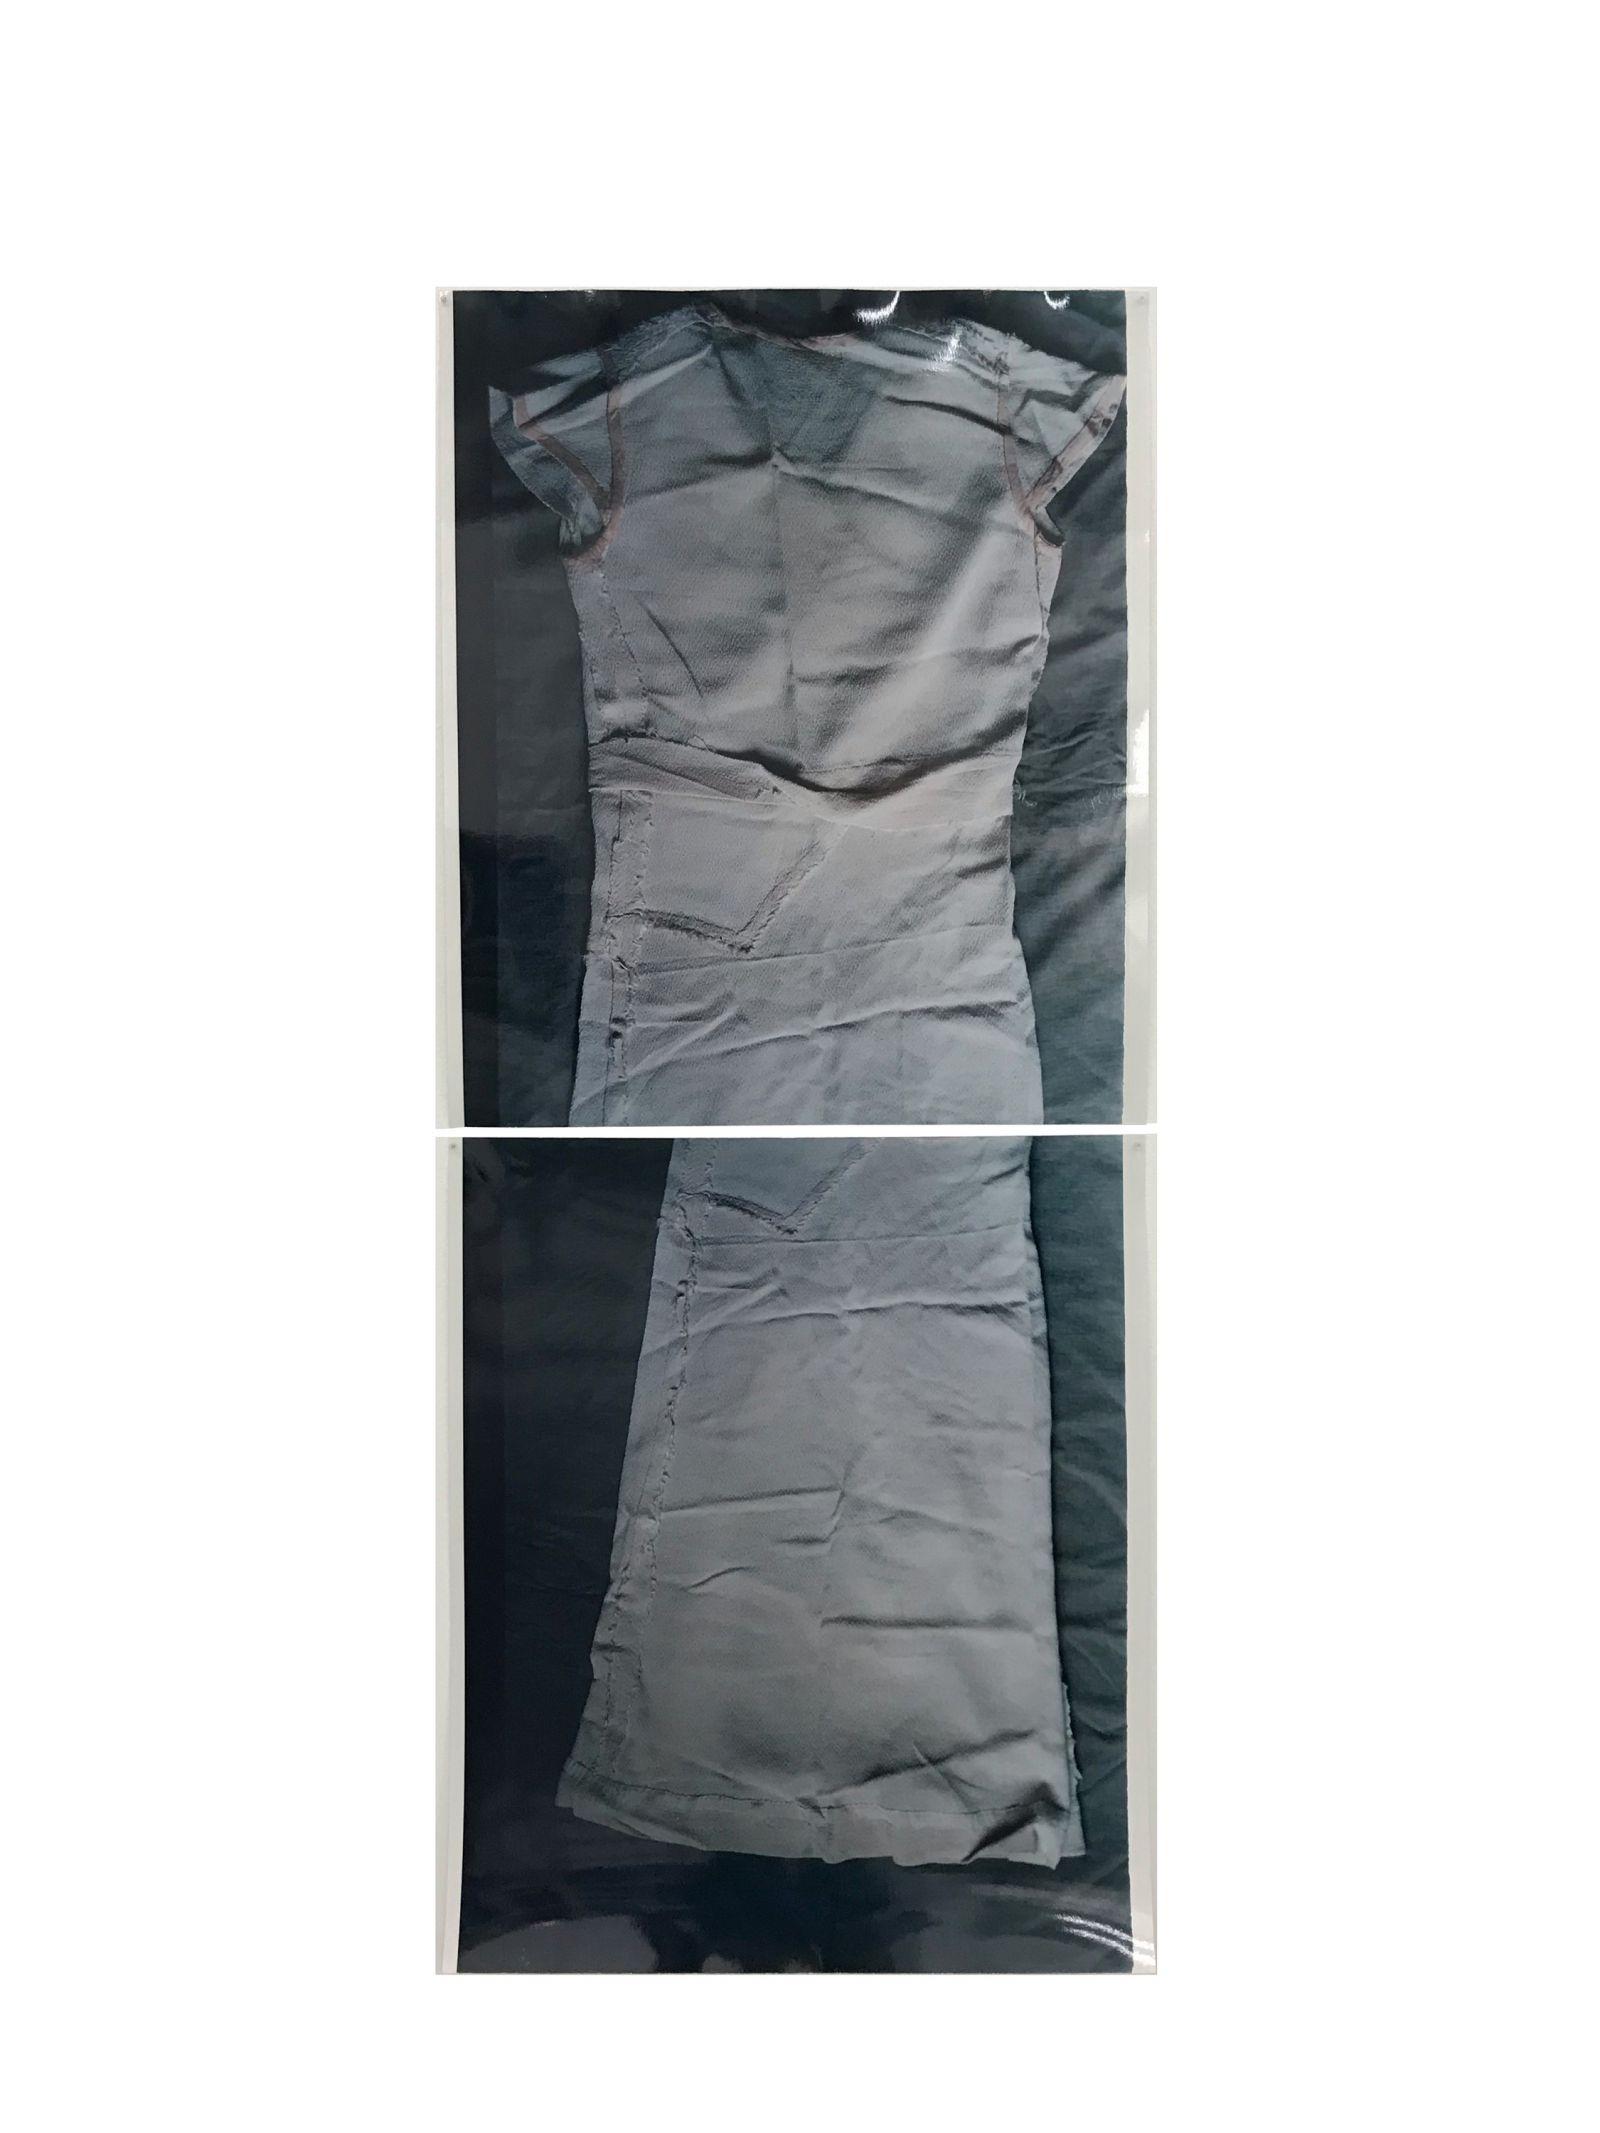 la-robe-insertionsite-5607772ba613b1ddd422e1ca9940e9f8